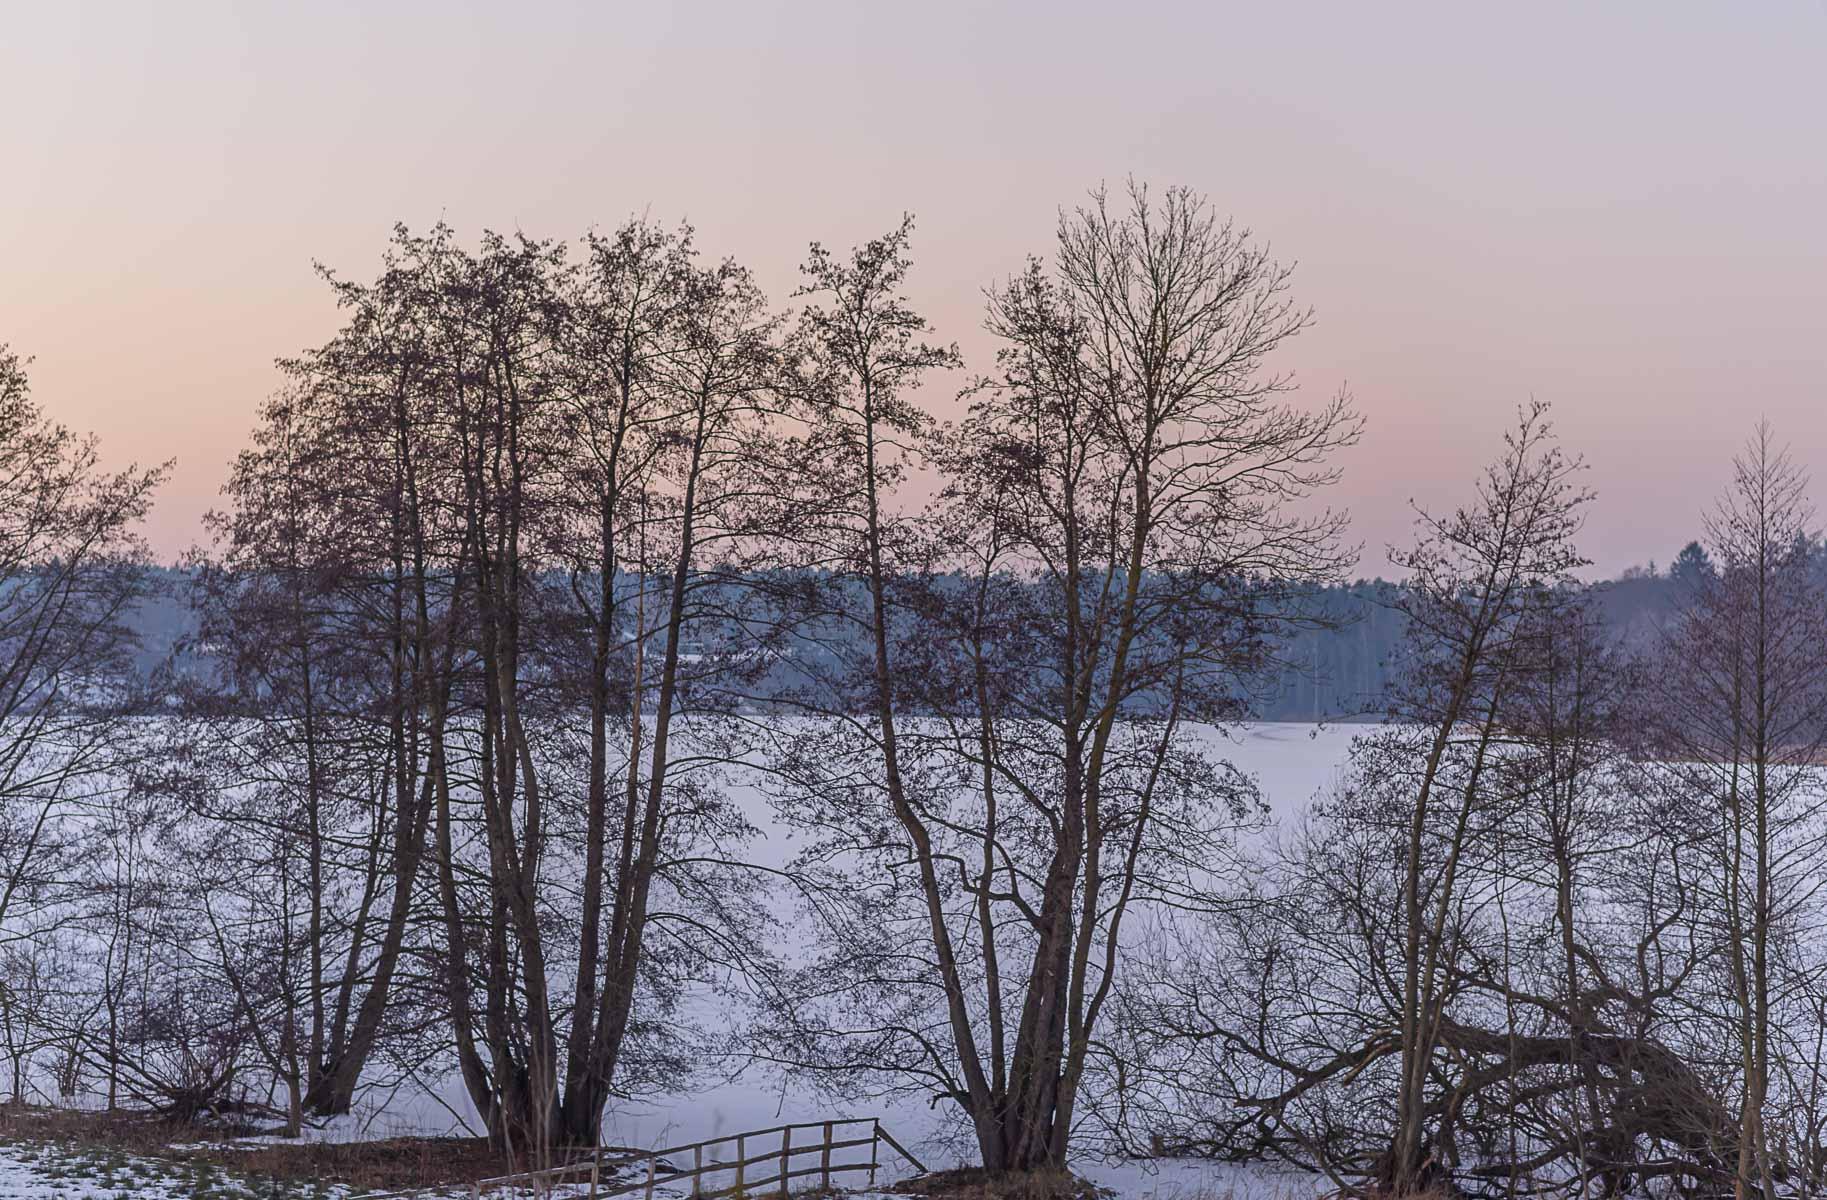 EIsdecke auf dem gefrorenen See -Erlen und Eschen am Ufer